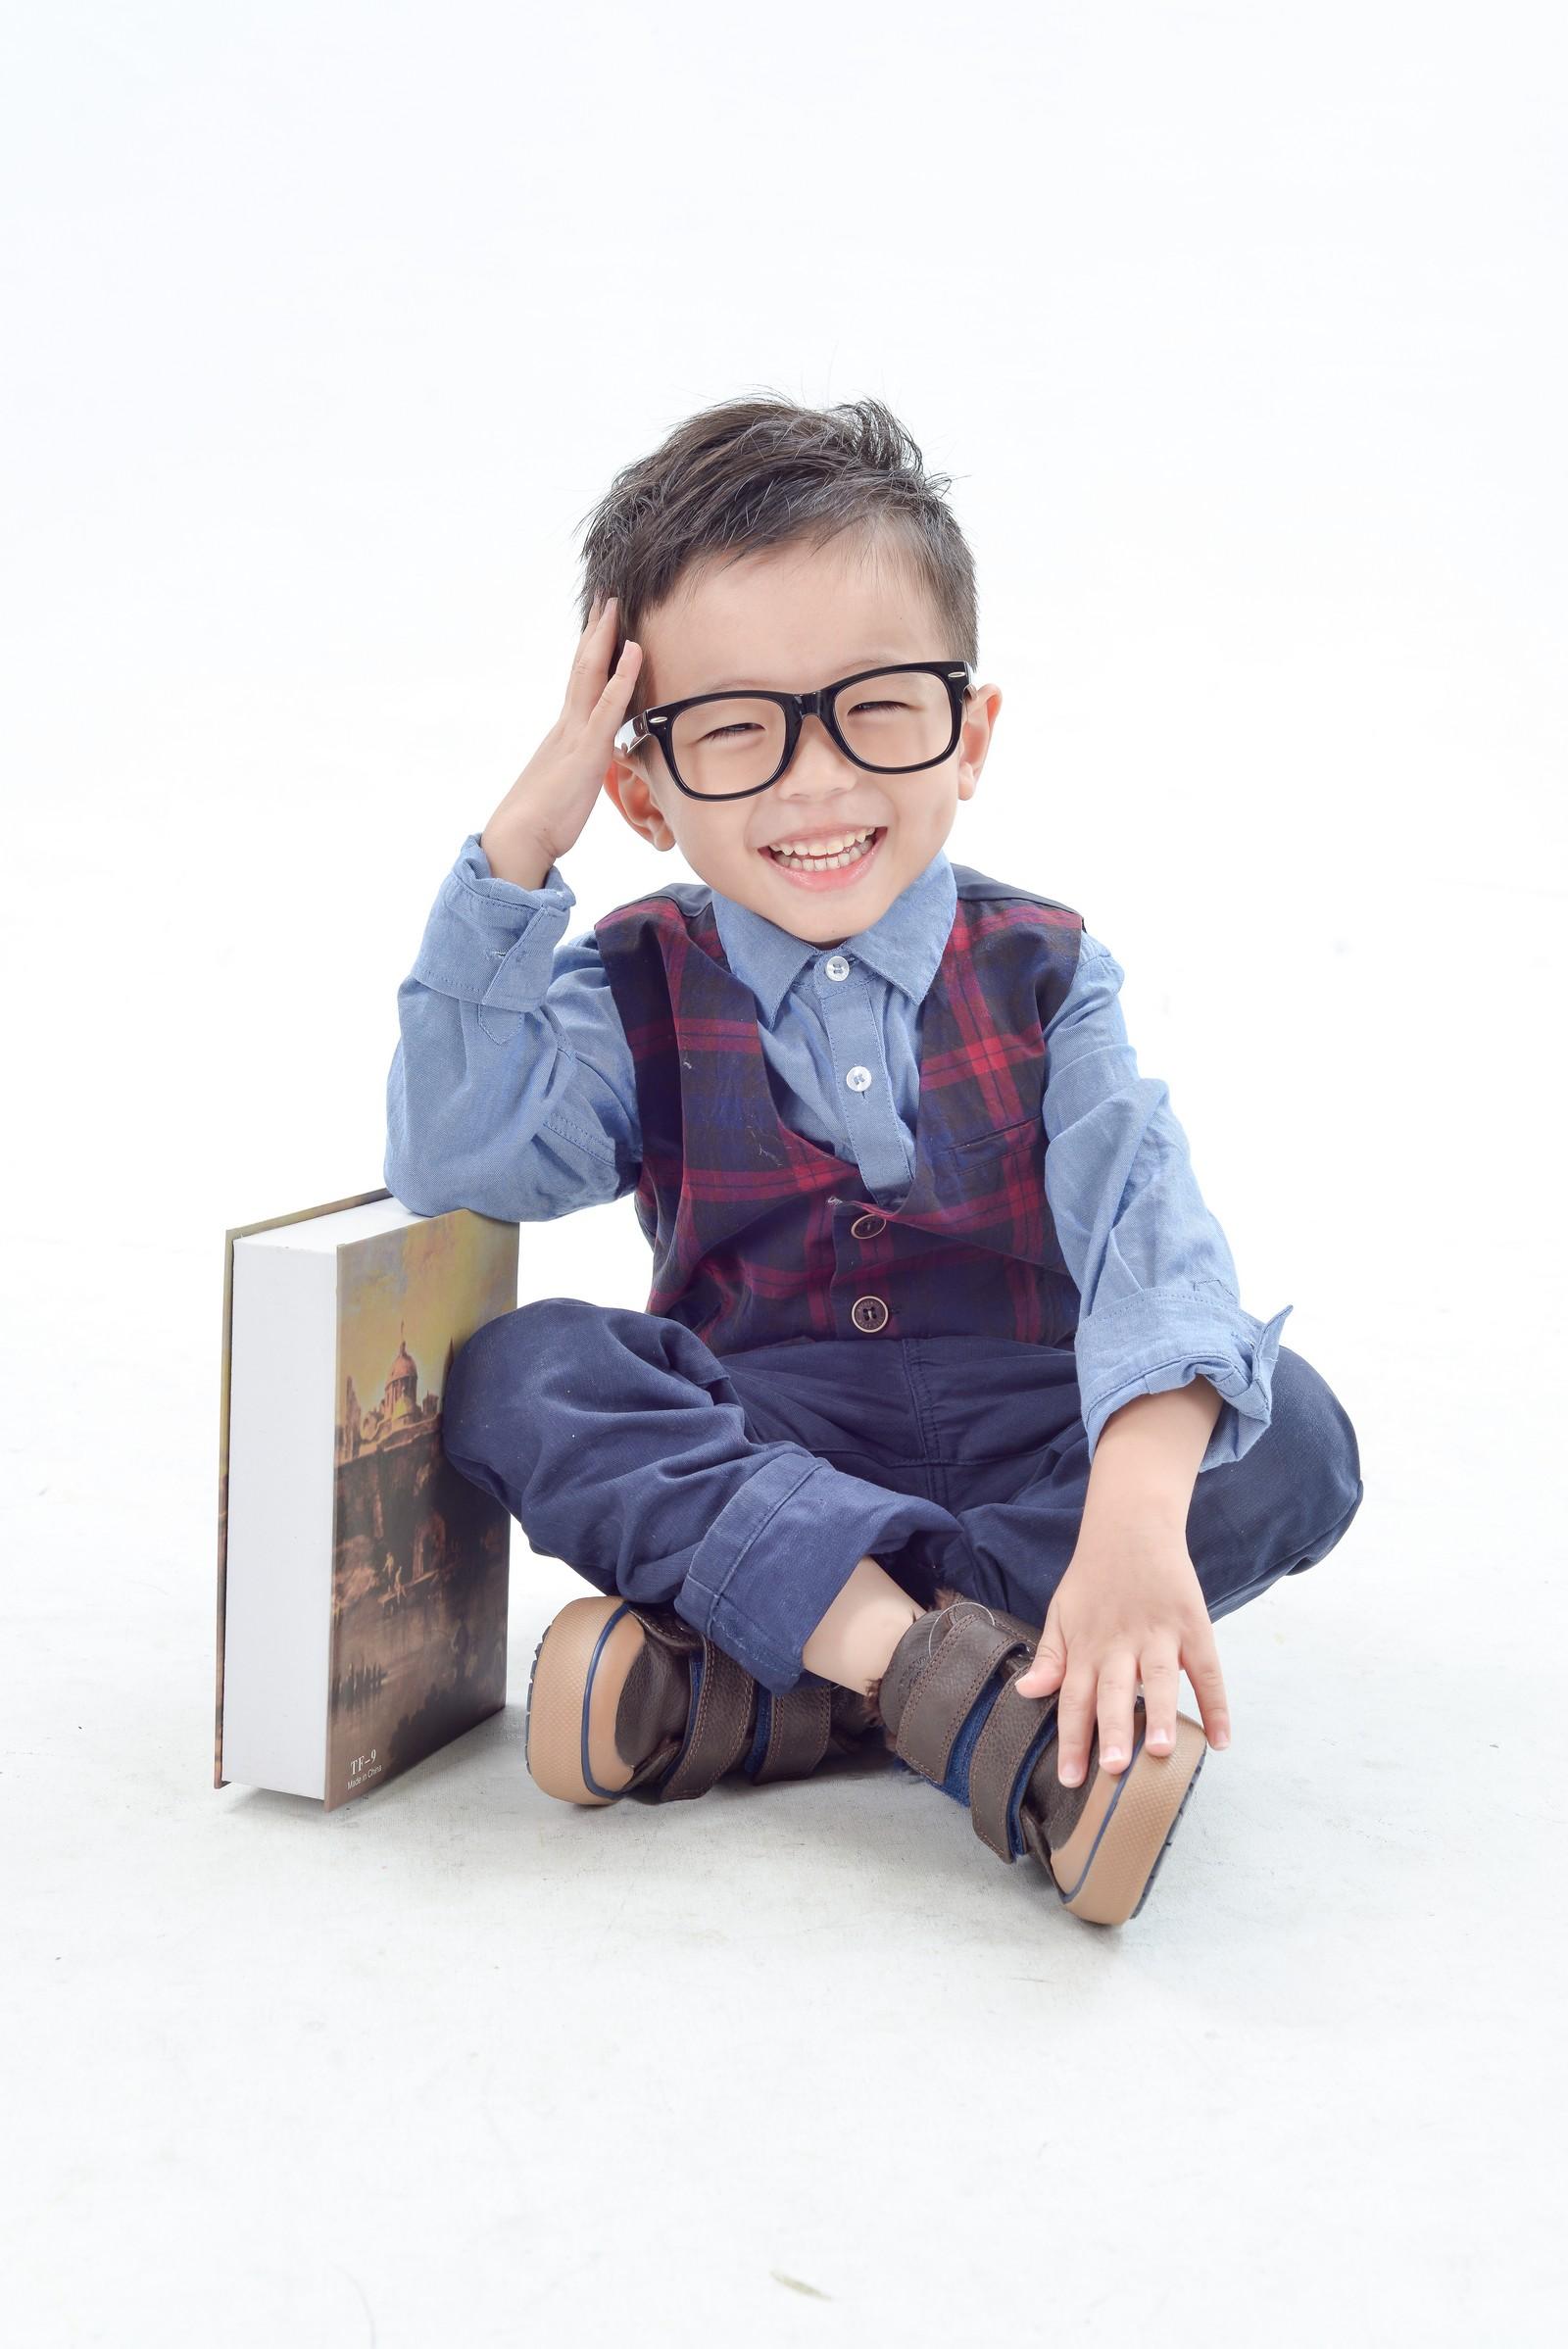 兒童寫真,兒童攝影,婚紗攝影師,自助婚紗,bb06